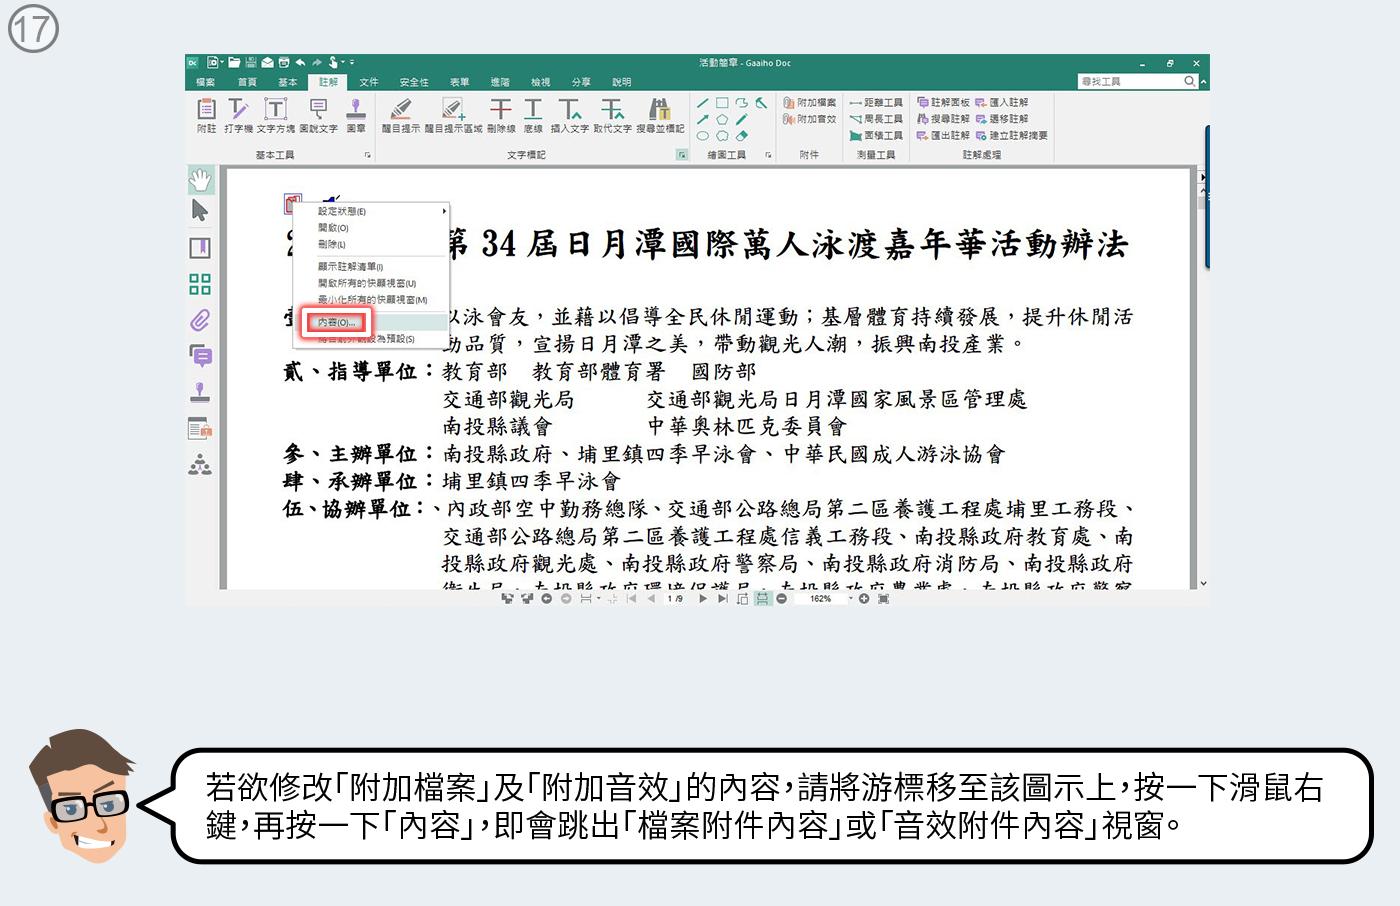 在附加檔案圖示上按一下滑鼠右鍵,再按一下「內容」,即會跳出內容視窗。